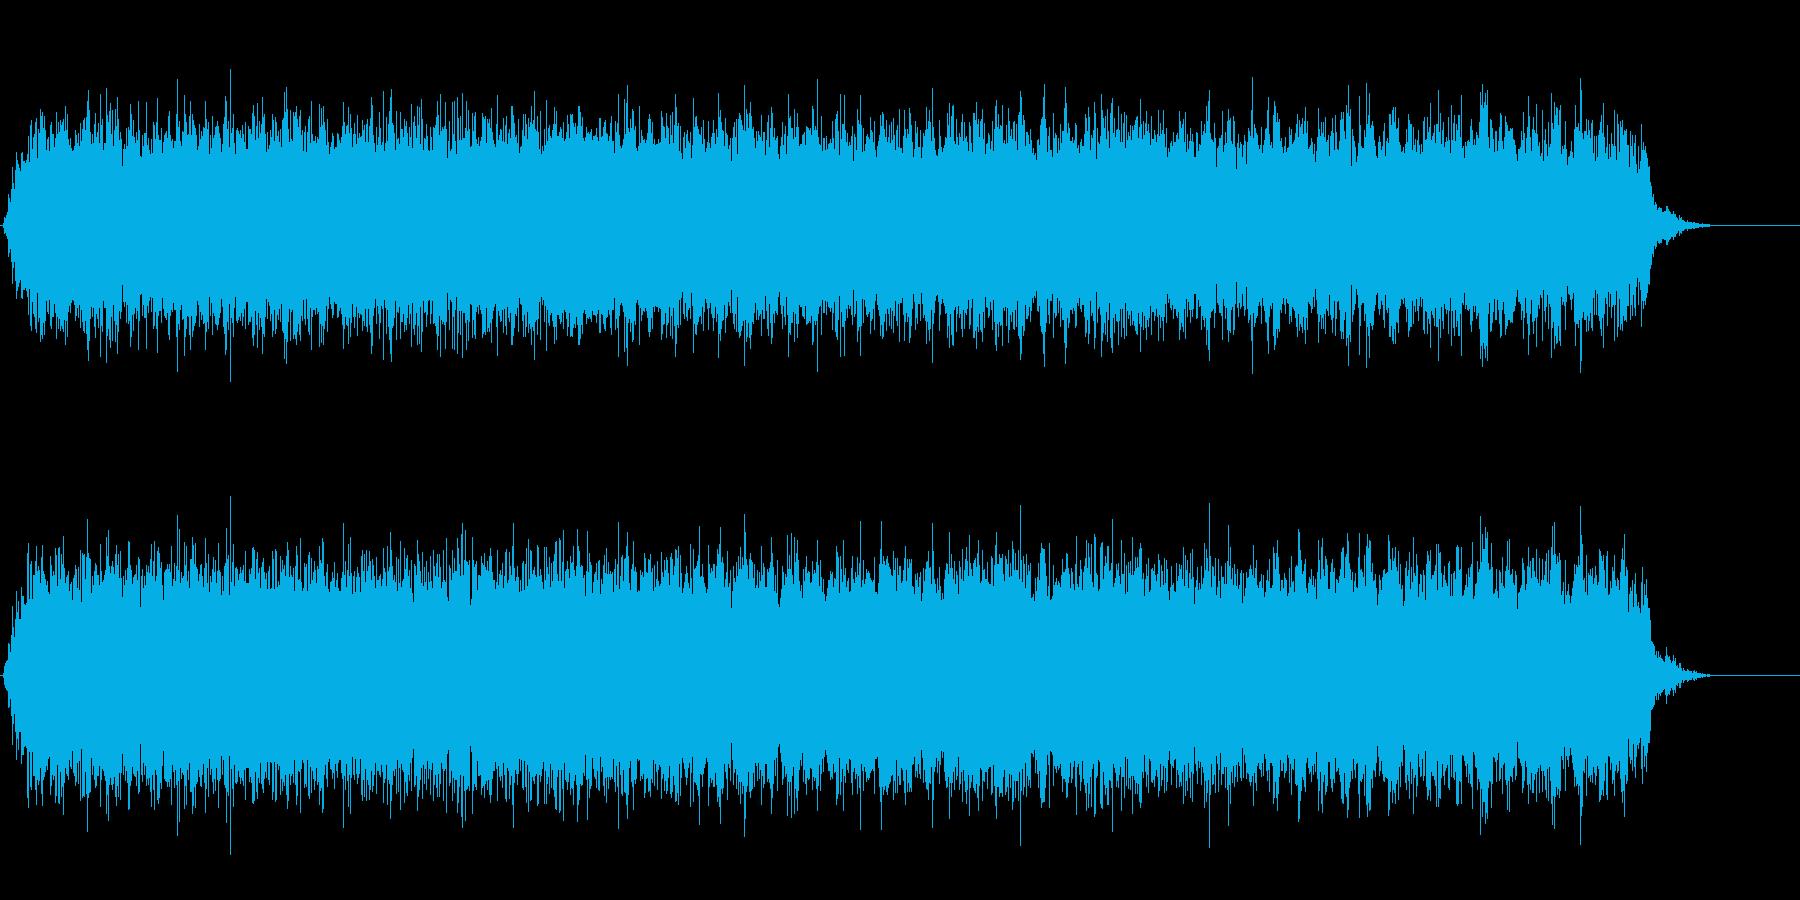 [生録音]ミキサーで混ぜる03-ロングの再生済みの波形